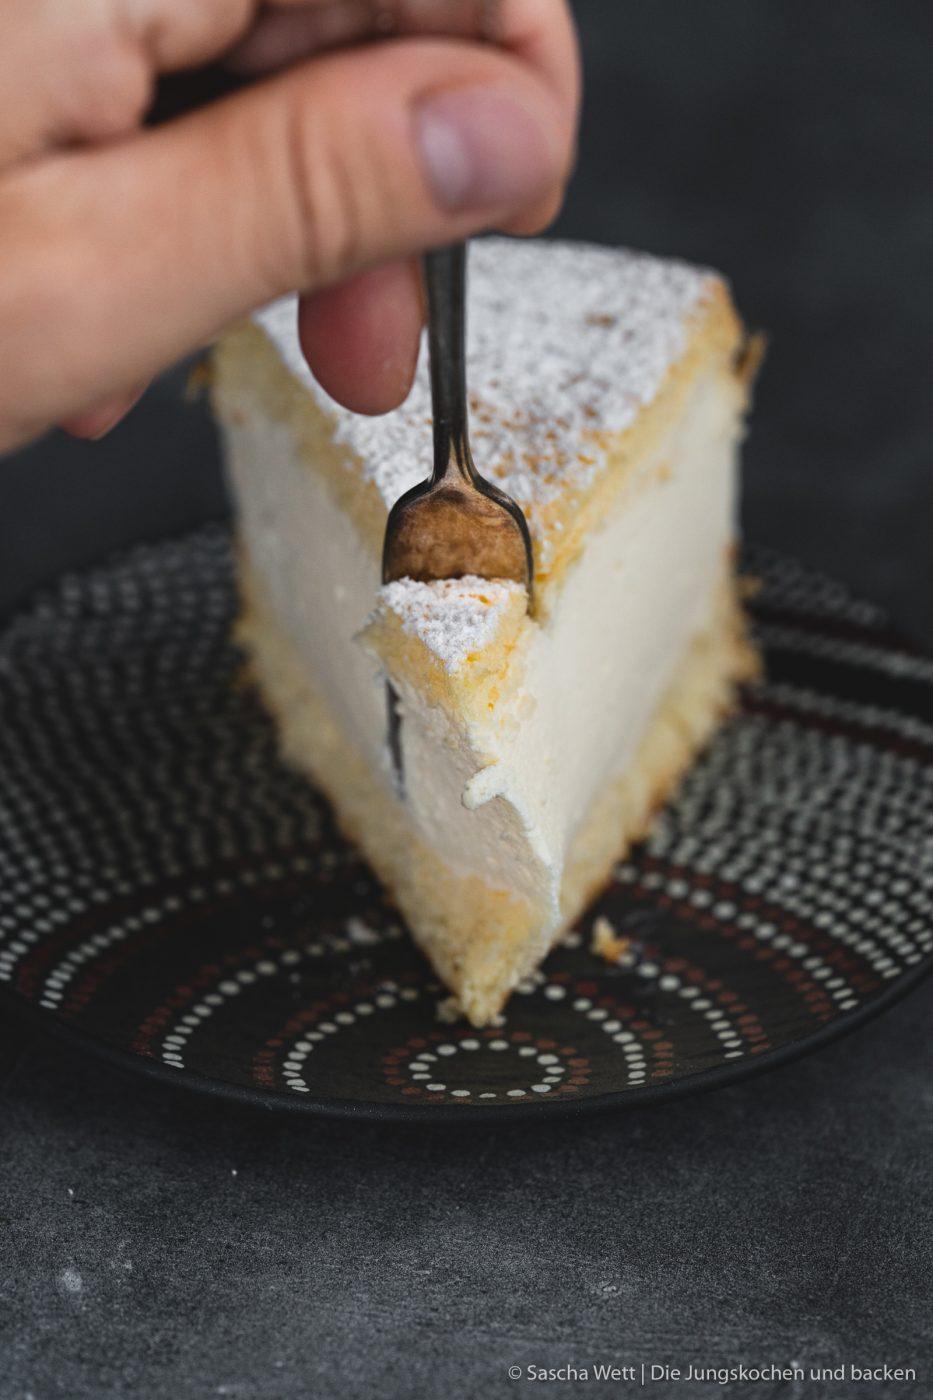 K%C3%A4se Sahne Torte Verpoorten 15 | Wir beide haben schon seit ganz langer Zeit vor, eine für uns ganz besondere Torte selber einmal zuzubereiten. Die Käse-Sahne-Torte. Warum etwas ganz Besonderes? Irgendwie hatten unsere beiden Omas eine Vorliebe dafür. Die Käse-Sahne-Torte kam sowohl bei Oma Lore, als auch bei Saschas Oma Frieda immer wieder auf den Kaffeetisch, wenn sich Gäste angekündigt hatten oder ein Feiertag anstand. Allerdings haben sie den damals nicht so fruchtig verfeinert, wie wir heute.